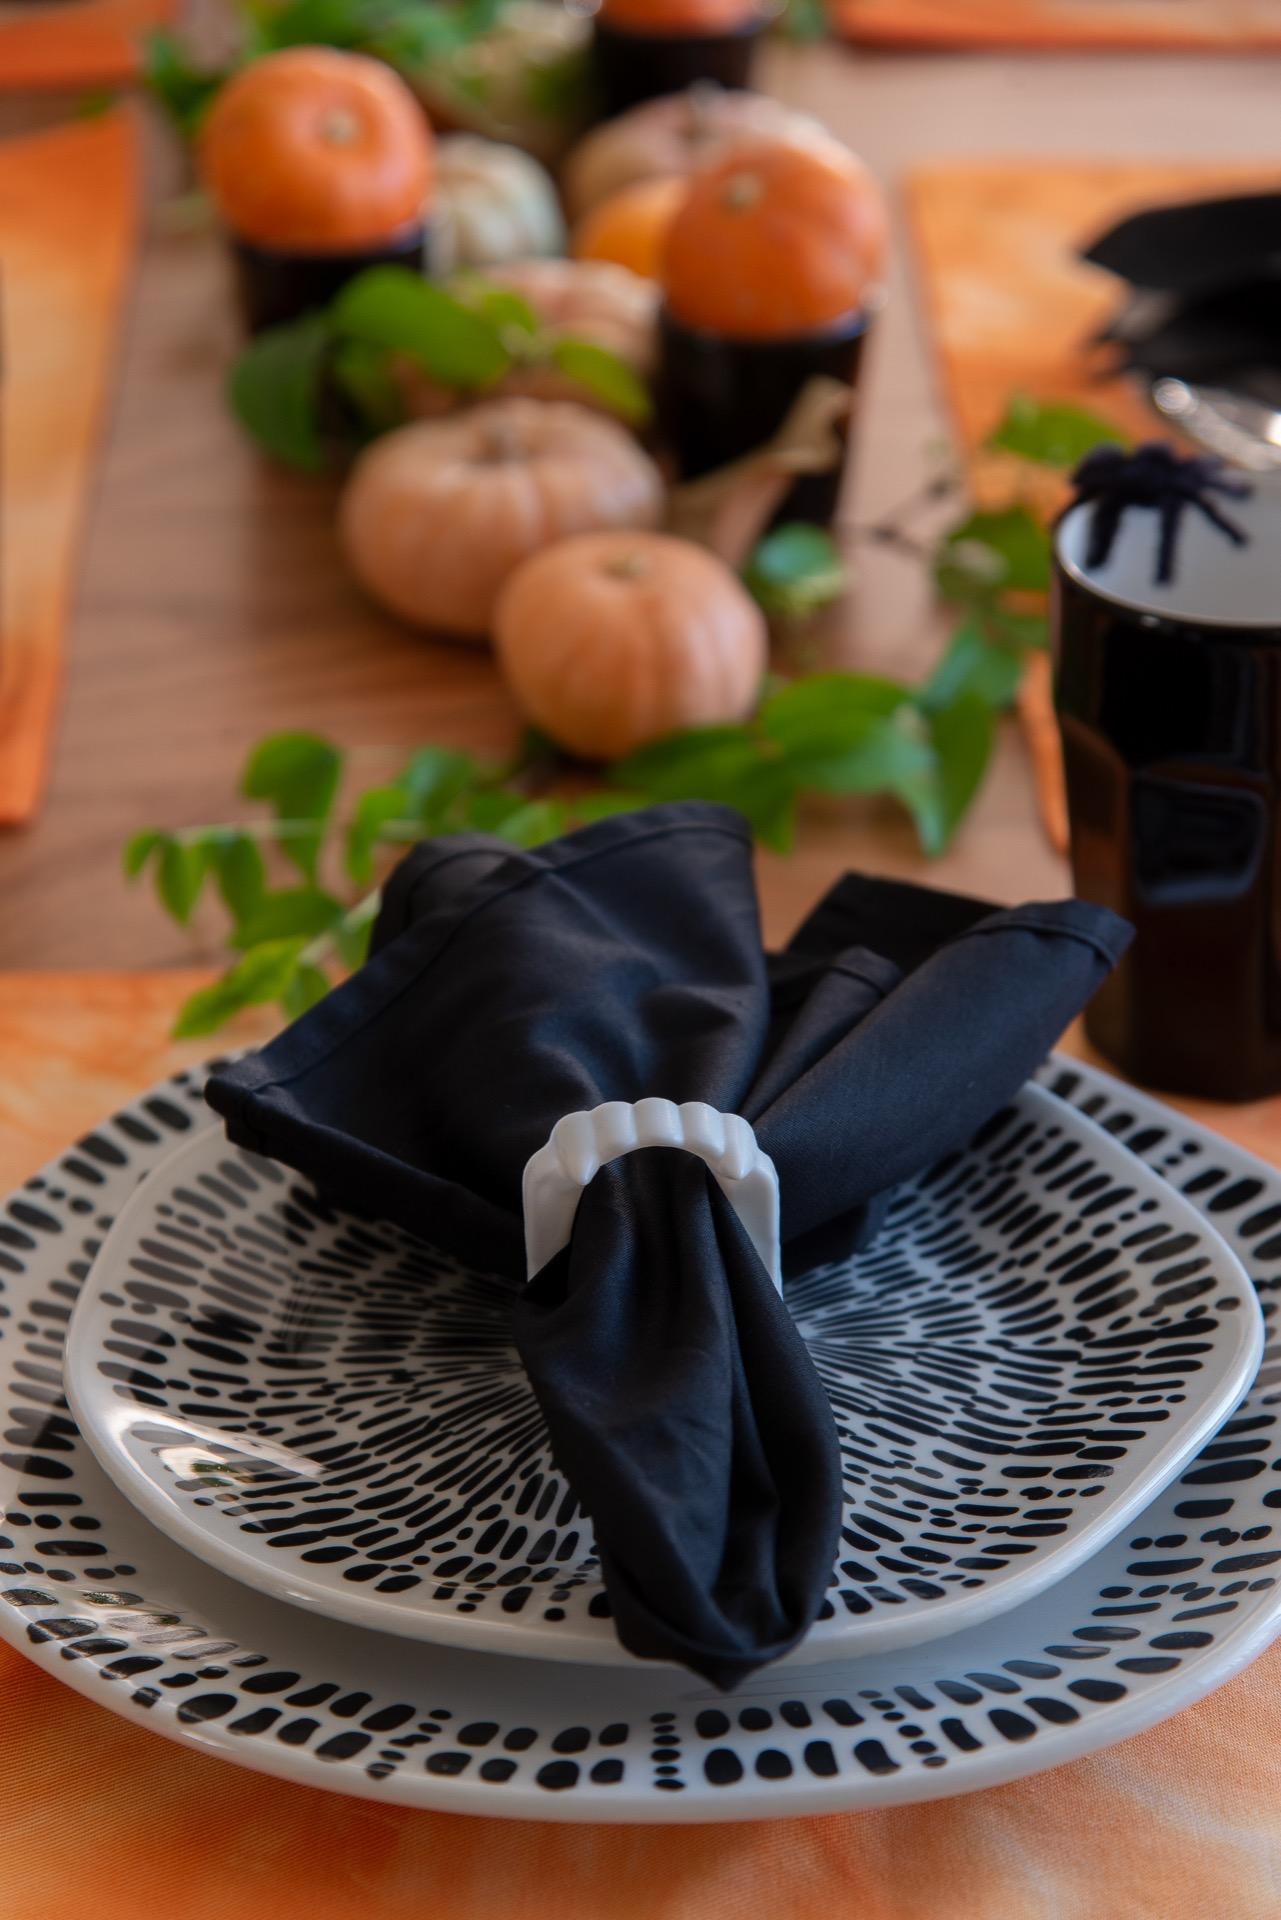 Imagem: O aparelho de jantar, que apresenta formas sinuosas e pinceladas com aspecto manual, é da coleção Ryo Ink da Oxford. O anel de guardanapo é uma dentadura de vampiro, que você encontra facilmente em casas de material para festas. Foto: Cacá Bratke